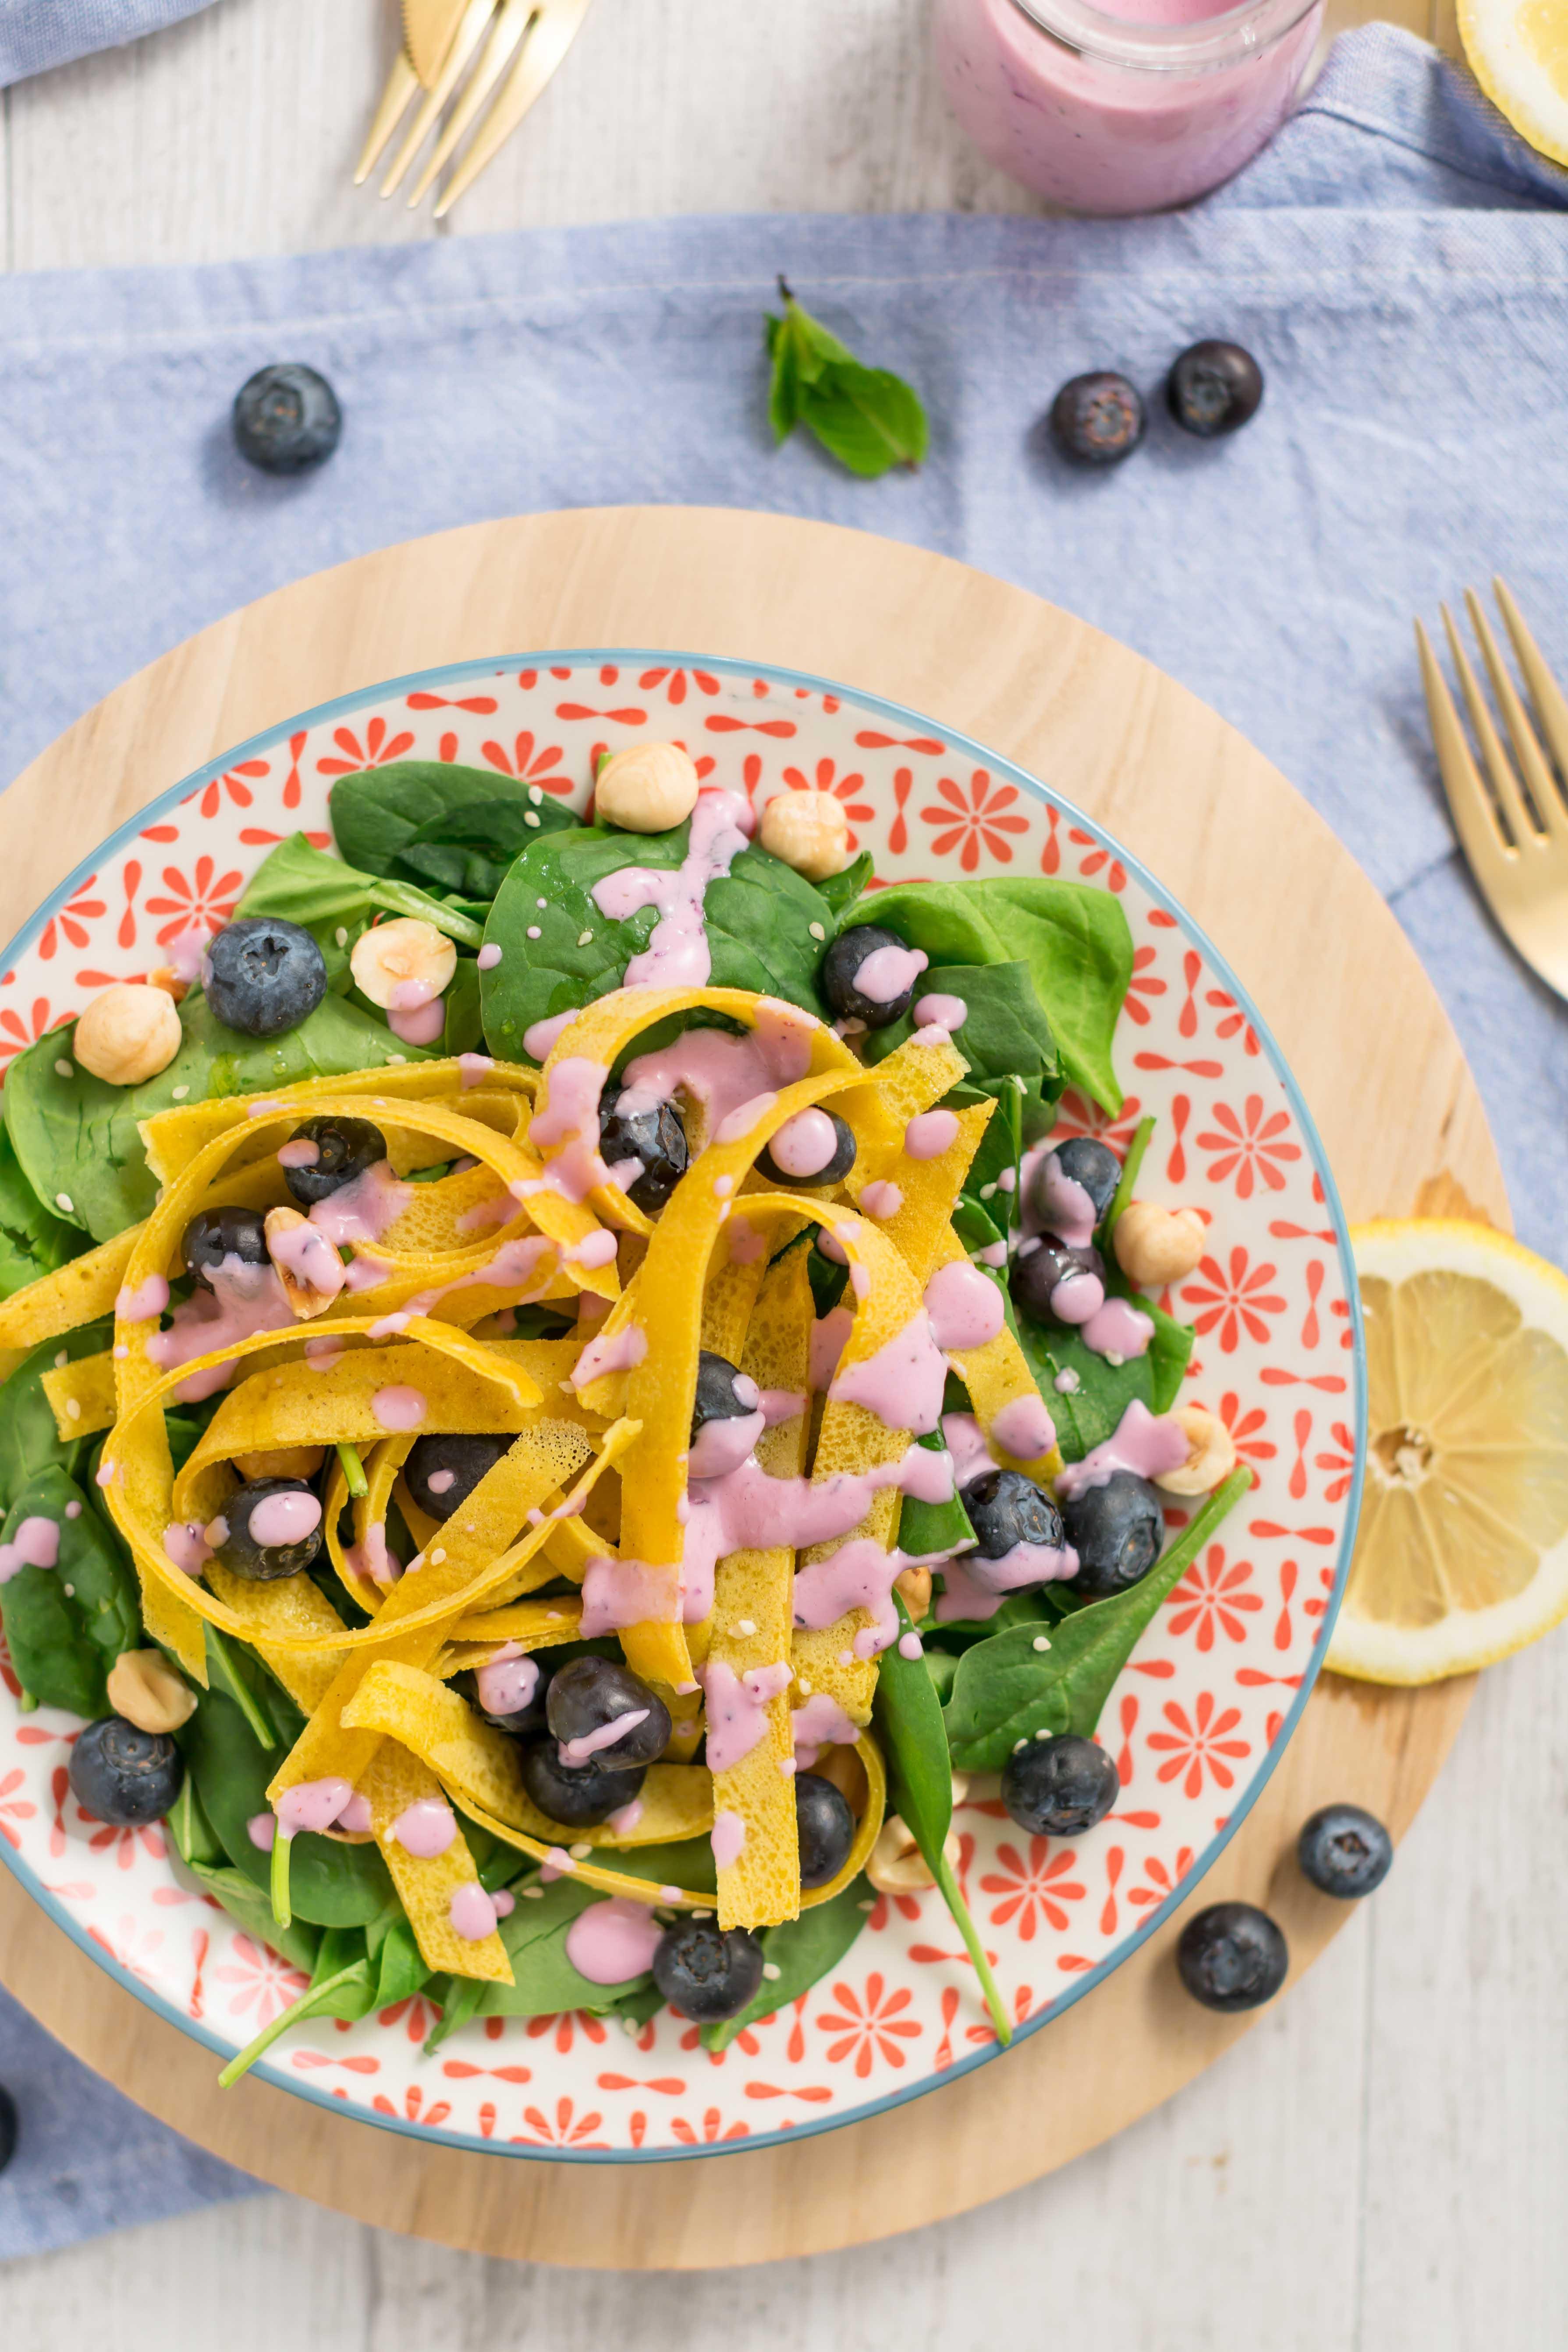 Blueberry spinach salad with eggfree vegan glutenfree crepes tagliatelle + dressing | insalata di mirtilli e nocciole con tagliatelle di crepes senza uova al miglio senza glutine vegan